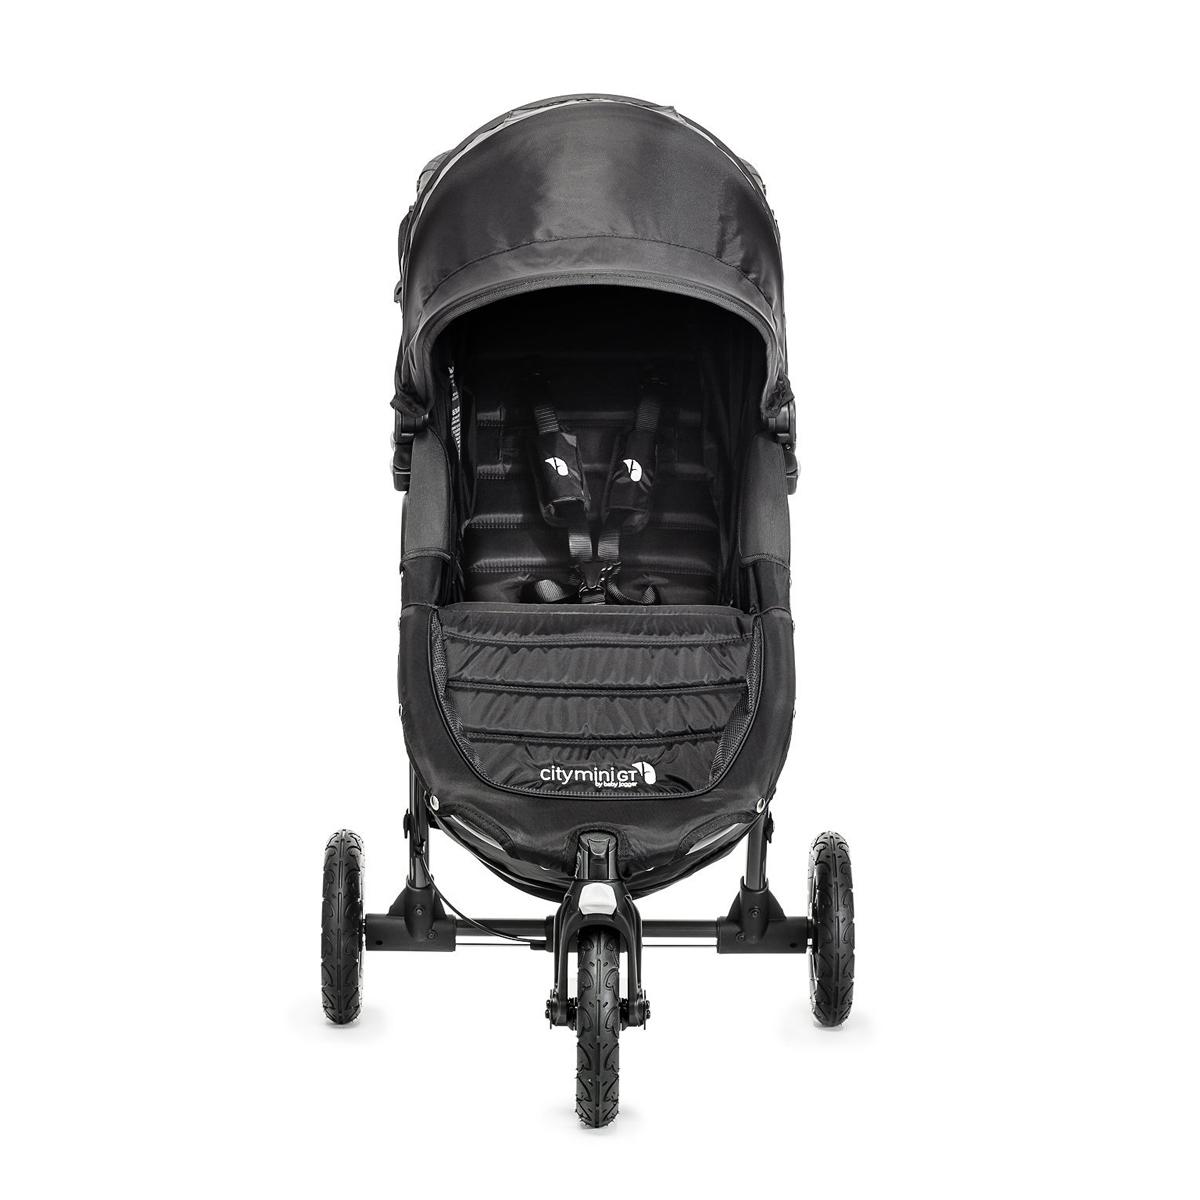 Carucior City Mini GT 3 Black sistem 2 in 1